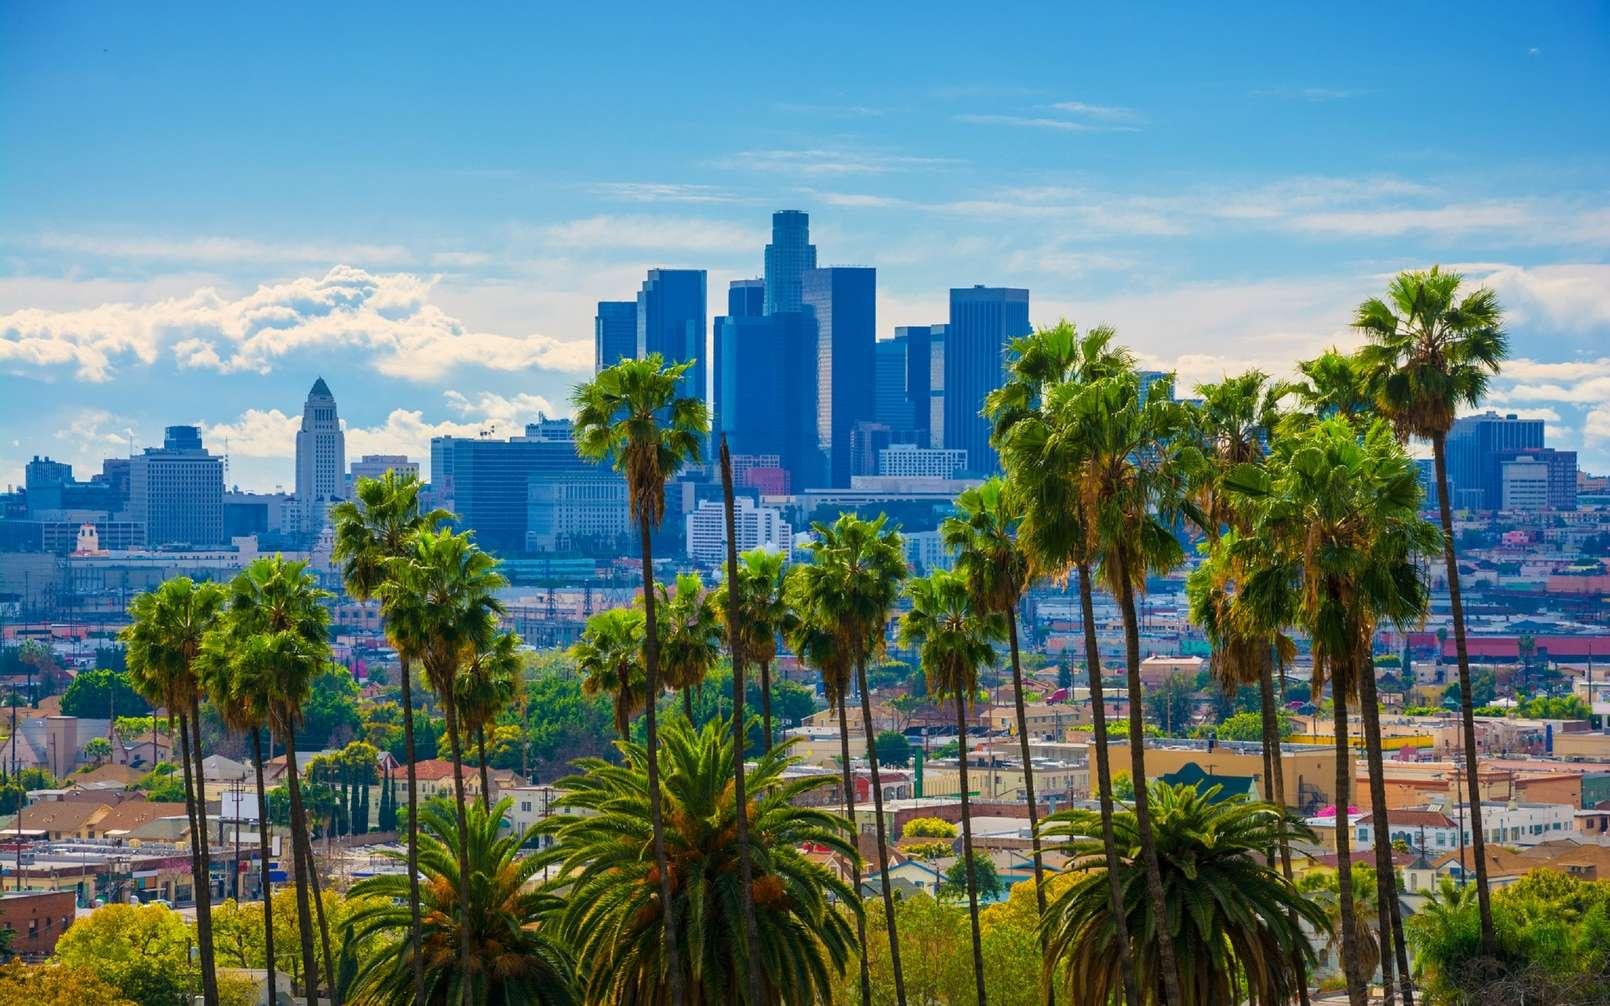 Aux Etats-Unis, la ville de Los Angeles compte planter 90.000 arbres dans toute la ville d'ici 2021. © Photographie Davel5957 / IStock.com